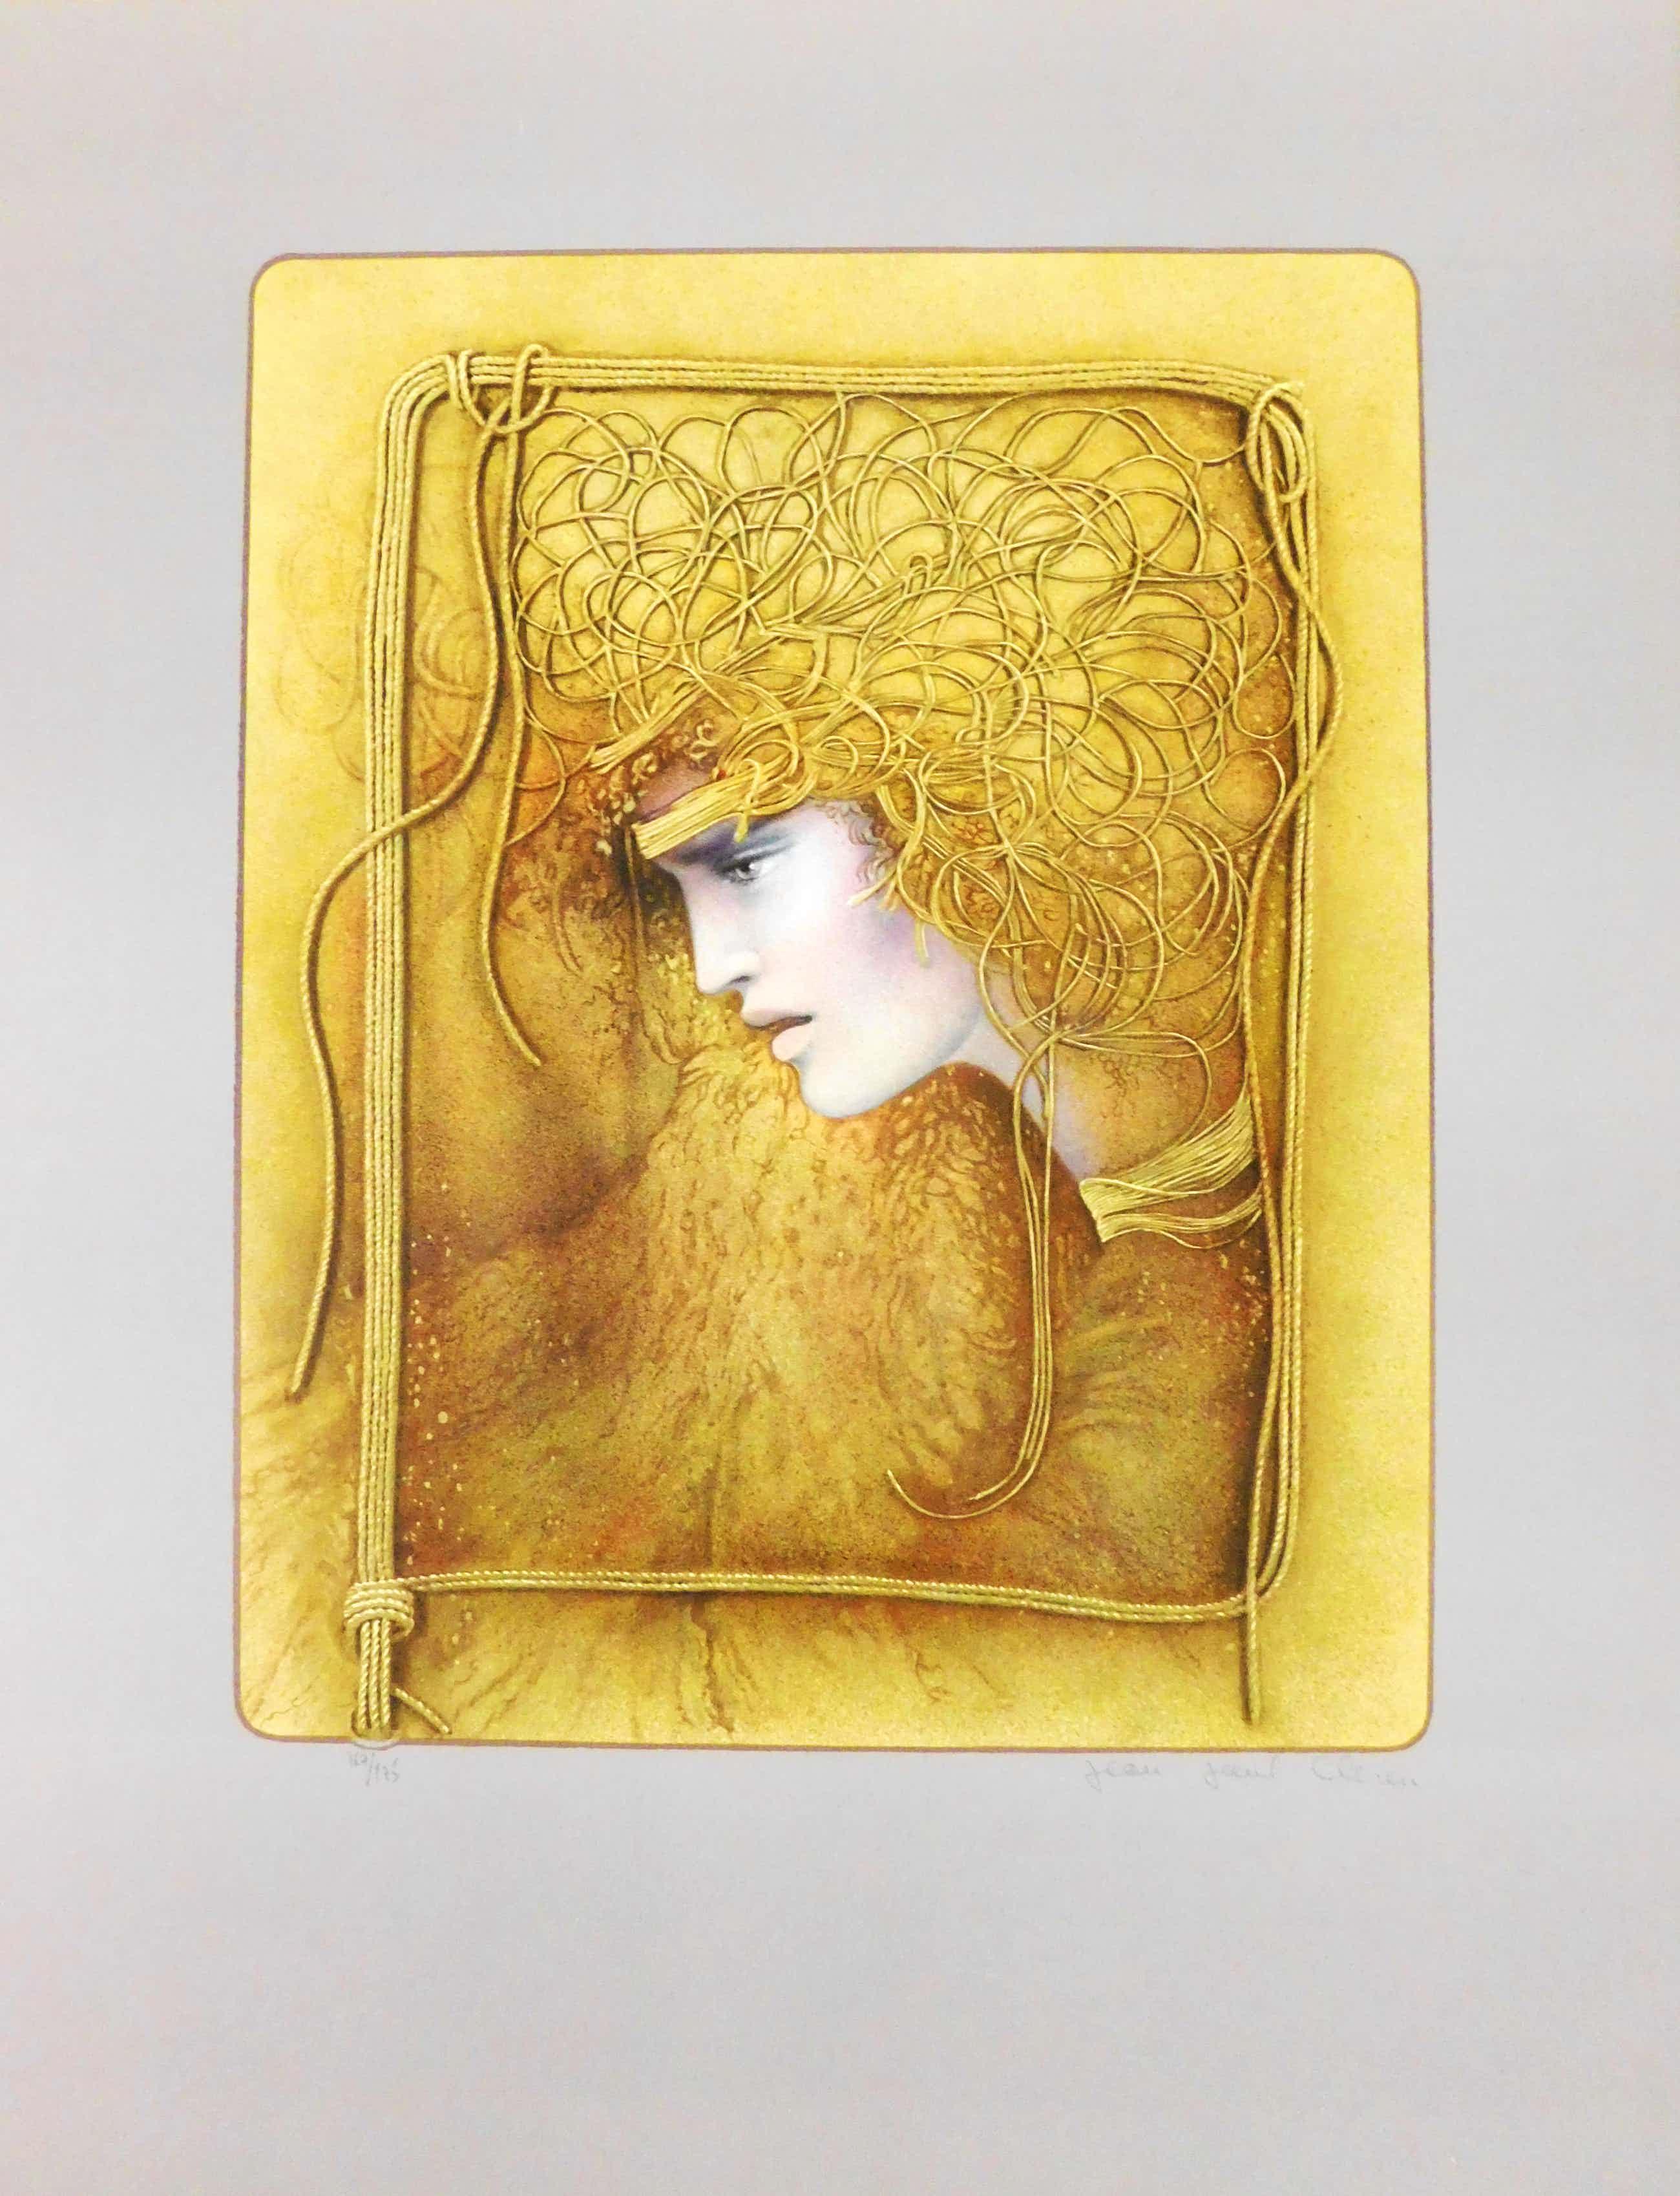 Jean-Paul Cleren - La Blonde d'Art Nouveau kopen? Bied vanaf 40!